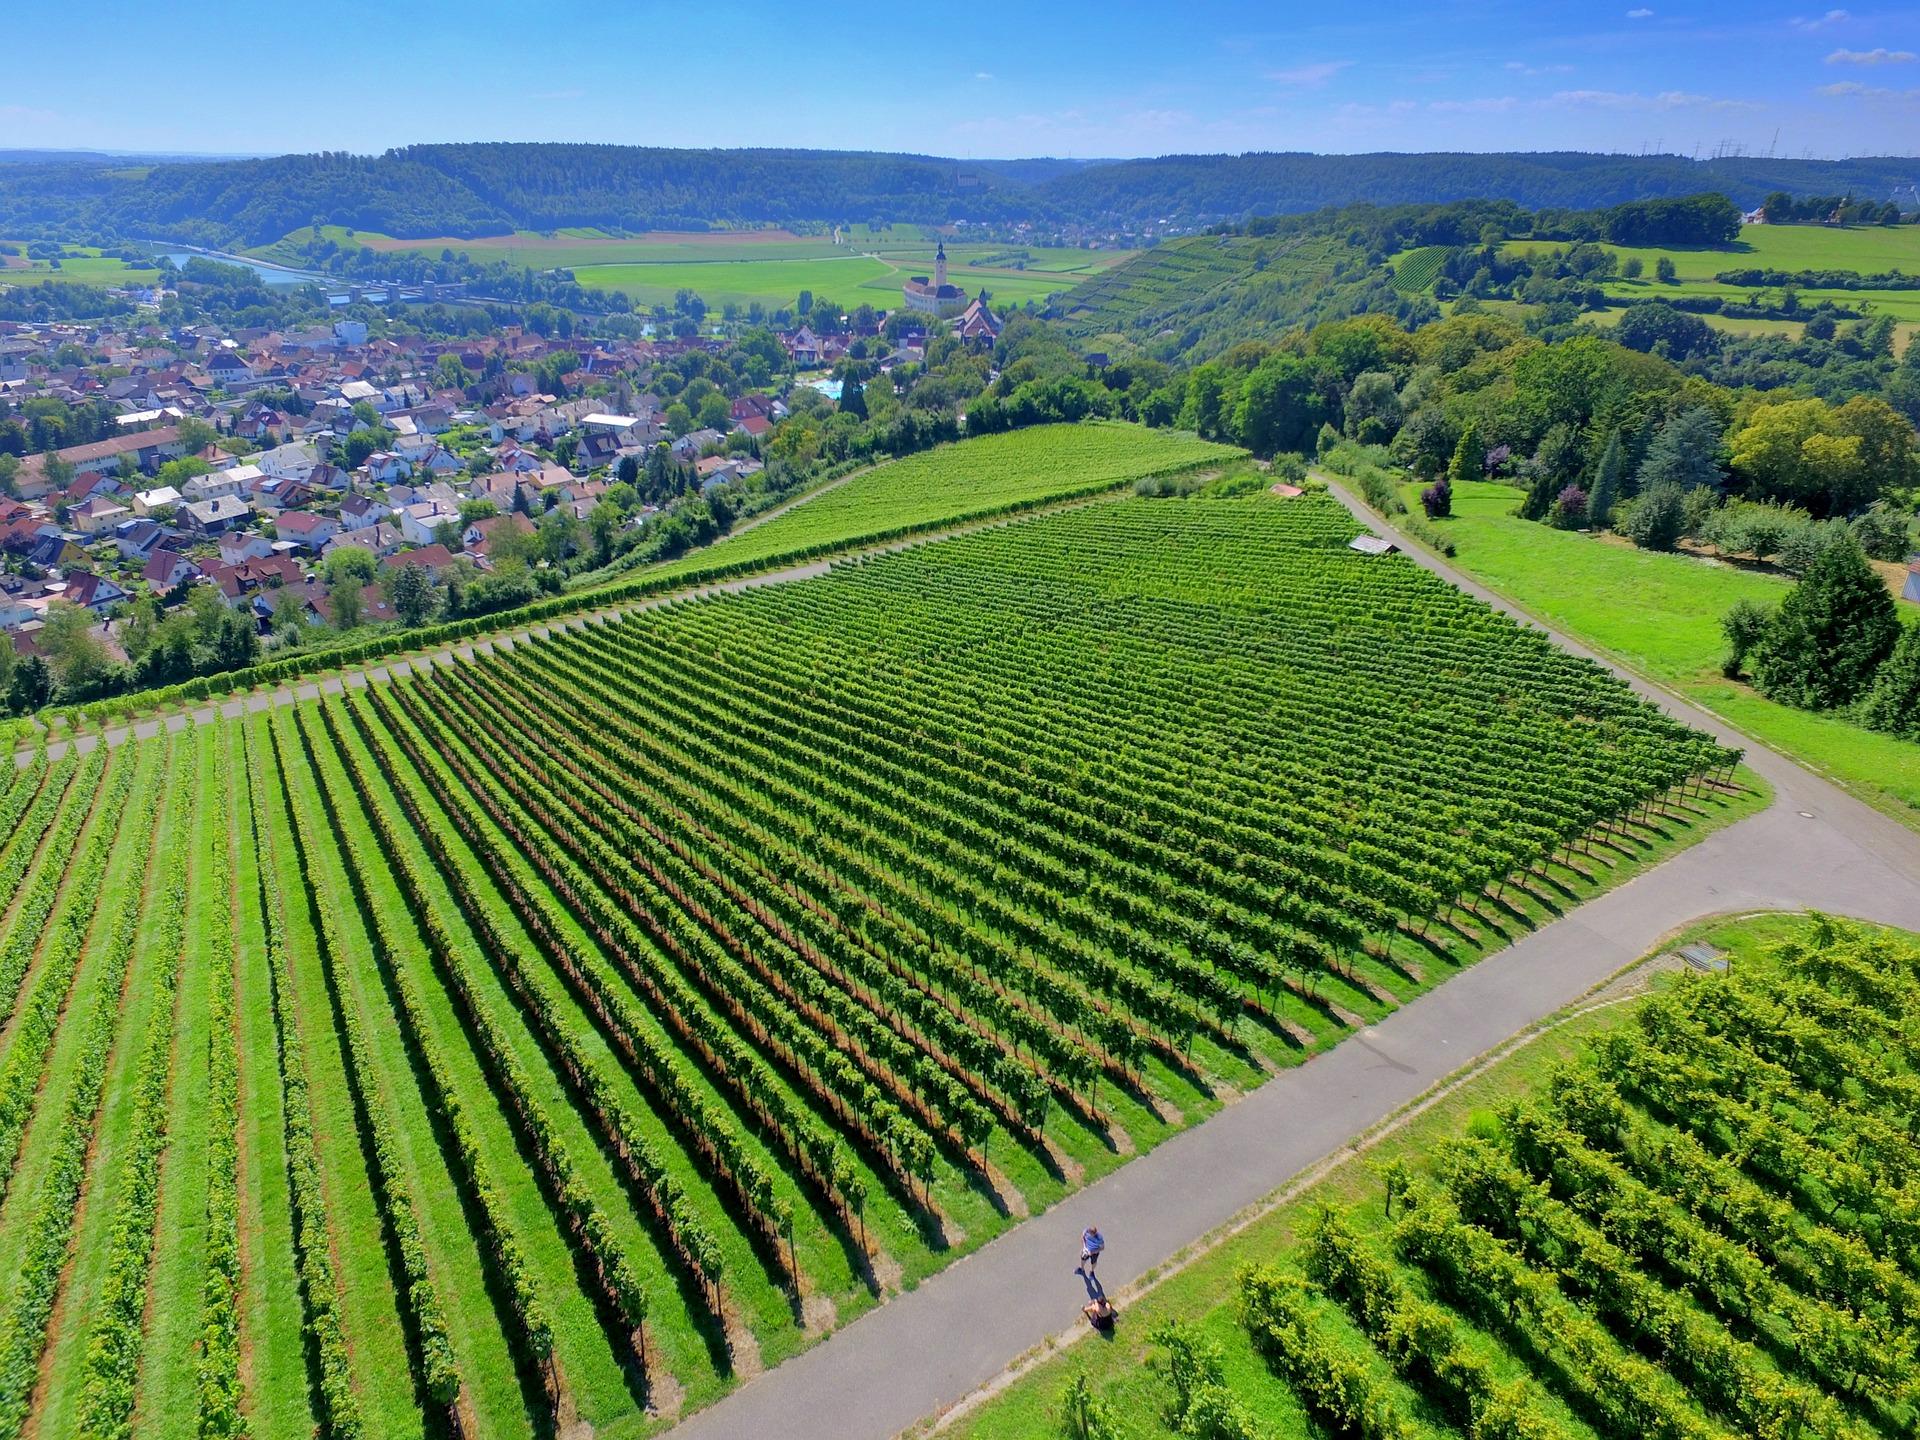 Manfaat drone untuk melihat area lahan